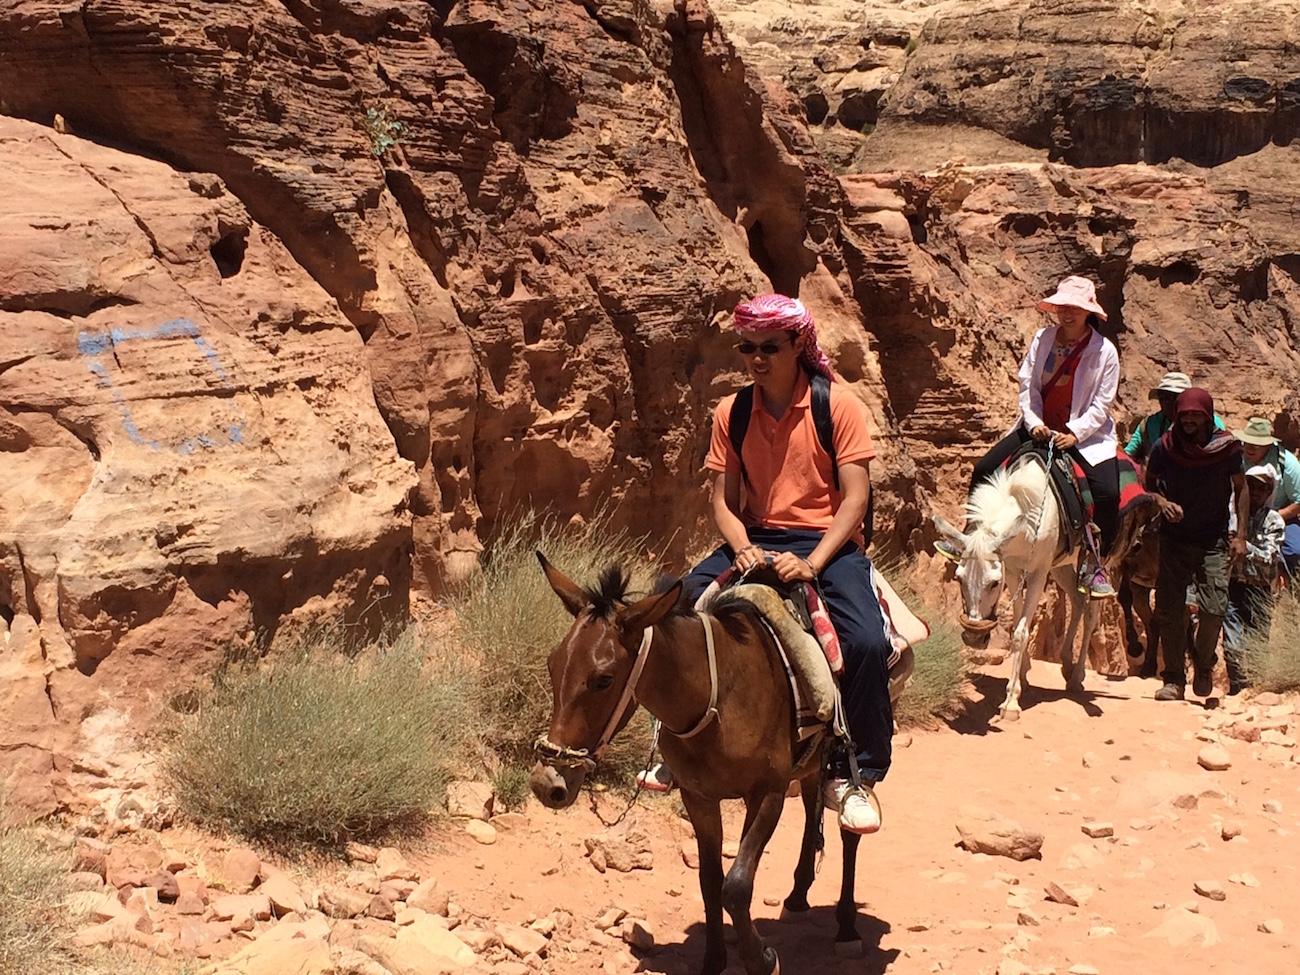 Student Jordan On Donkey 5